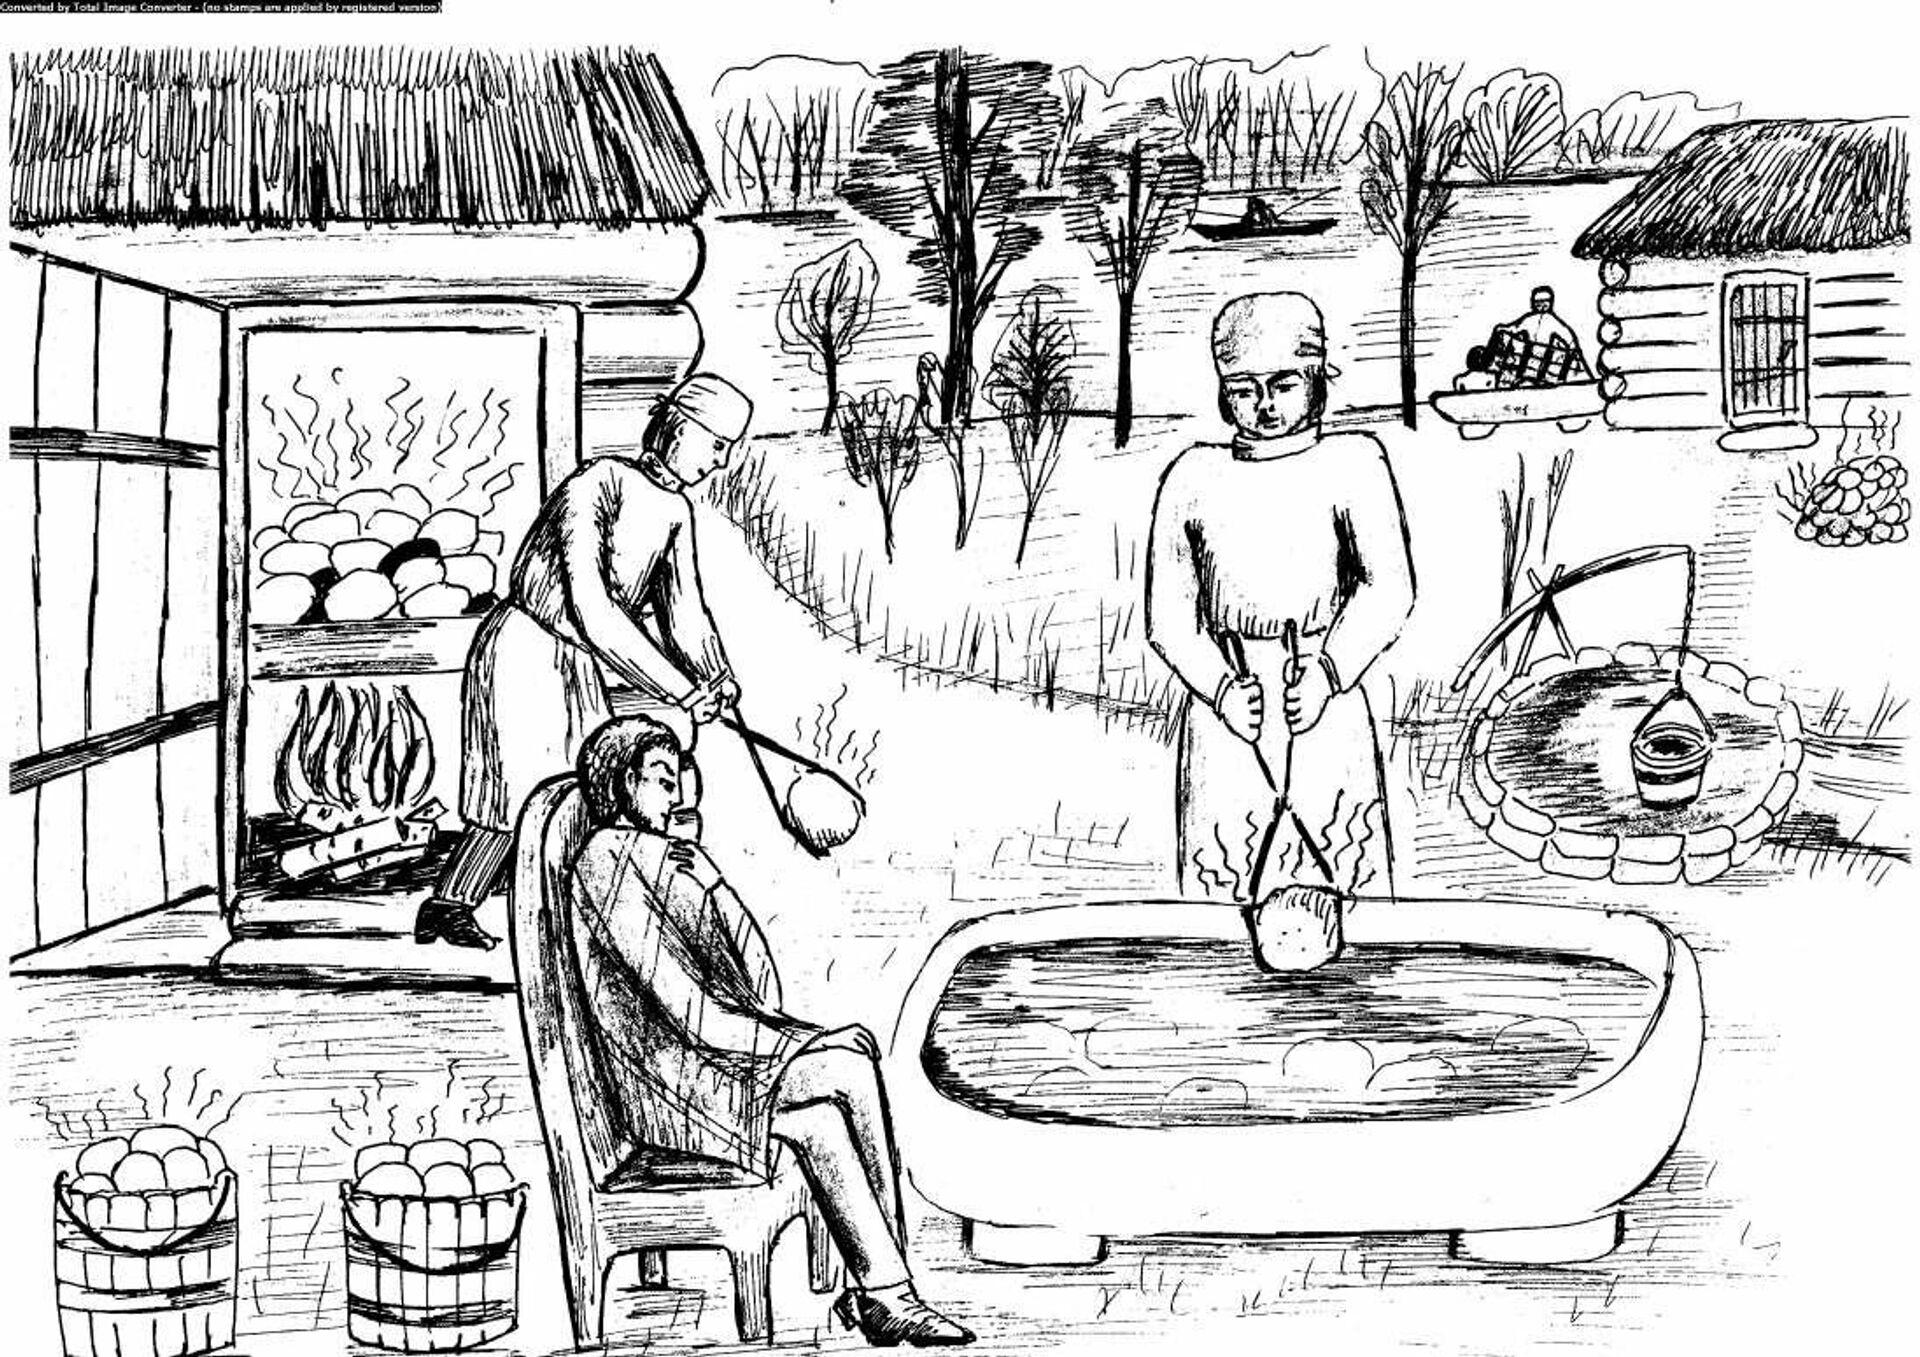 Иллюстрация того, как проходили водолечебные процедуры в XIX веке - Sputnik Беларусь, 1920, 24.09.2021